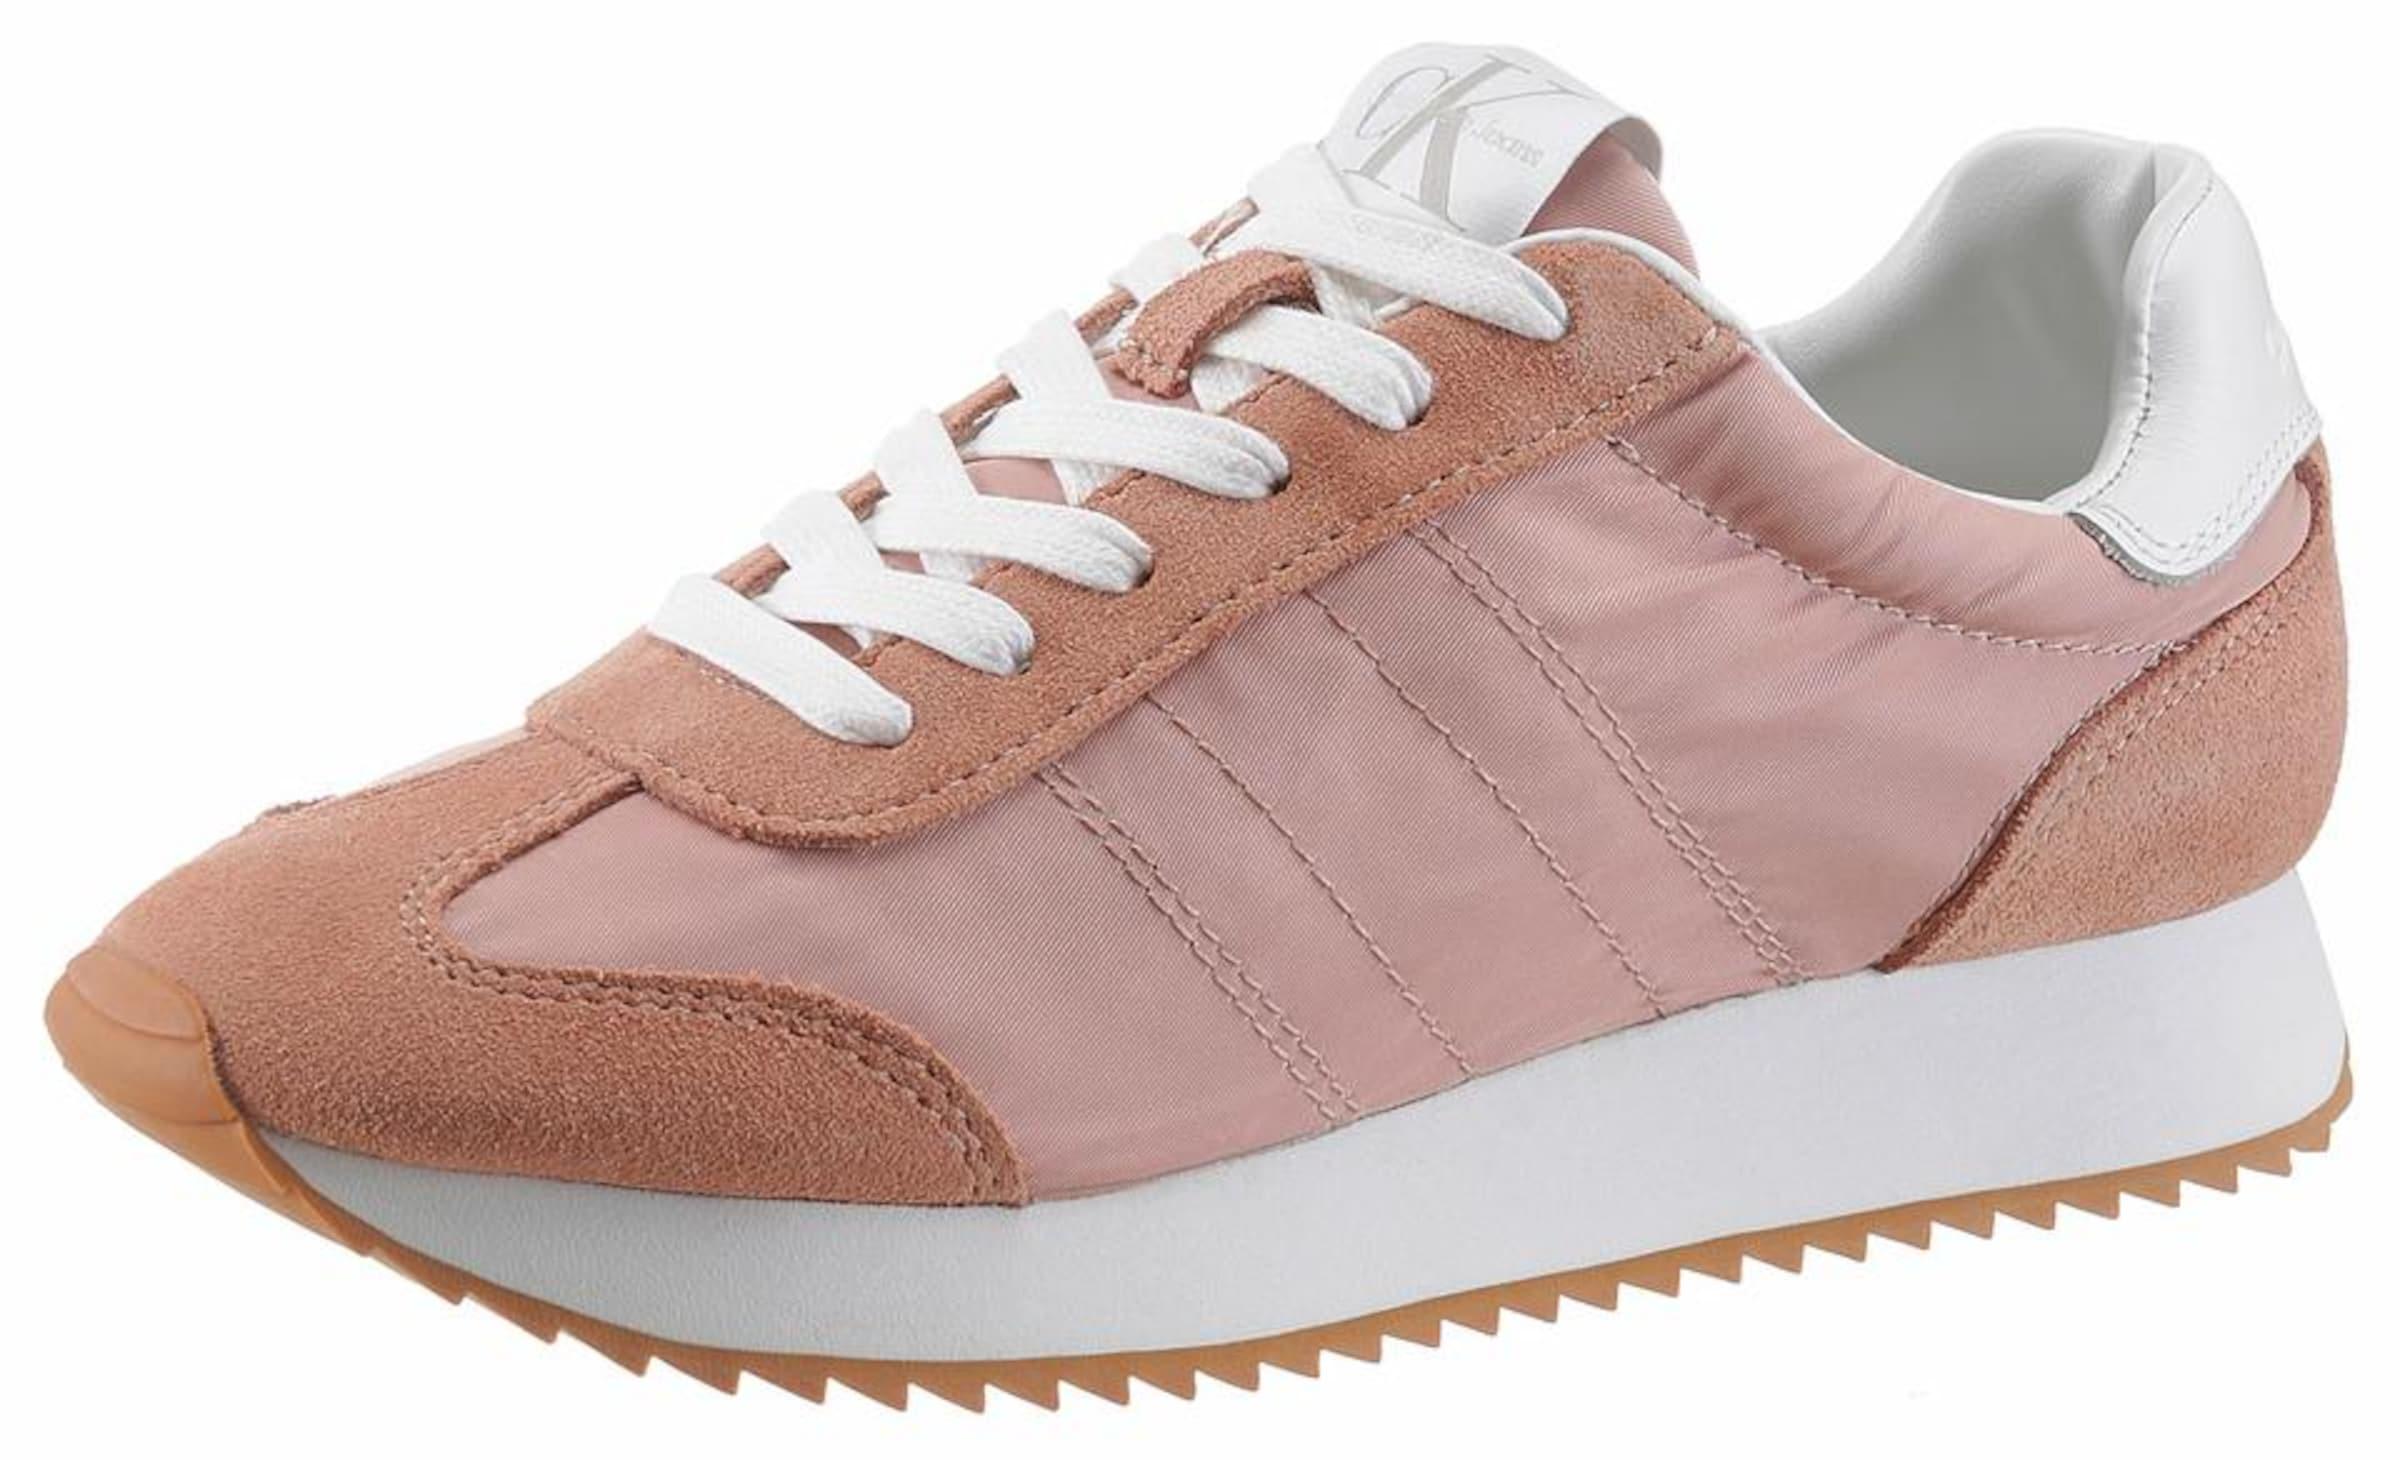 Calvin Klein Schnürschuh Verschleißfeste billige Schuhe